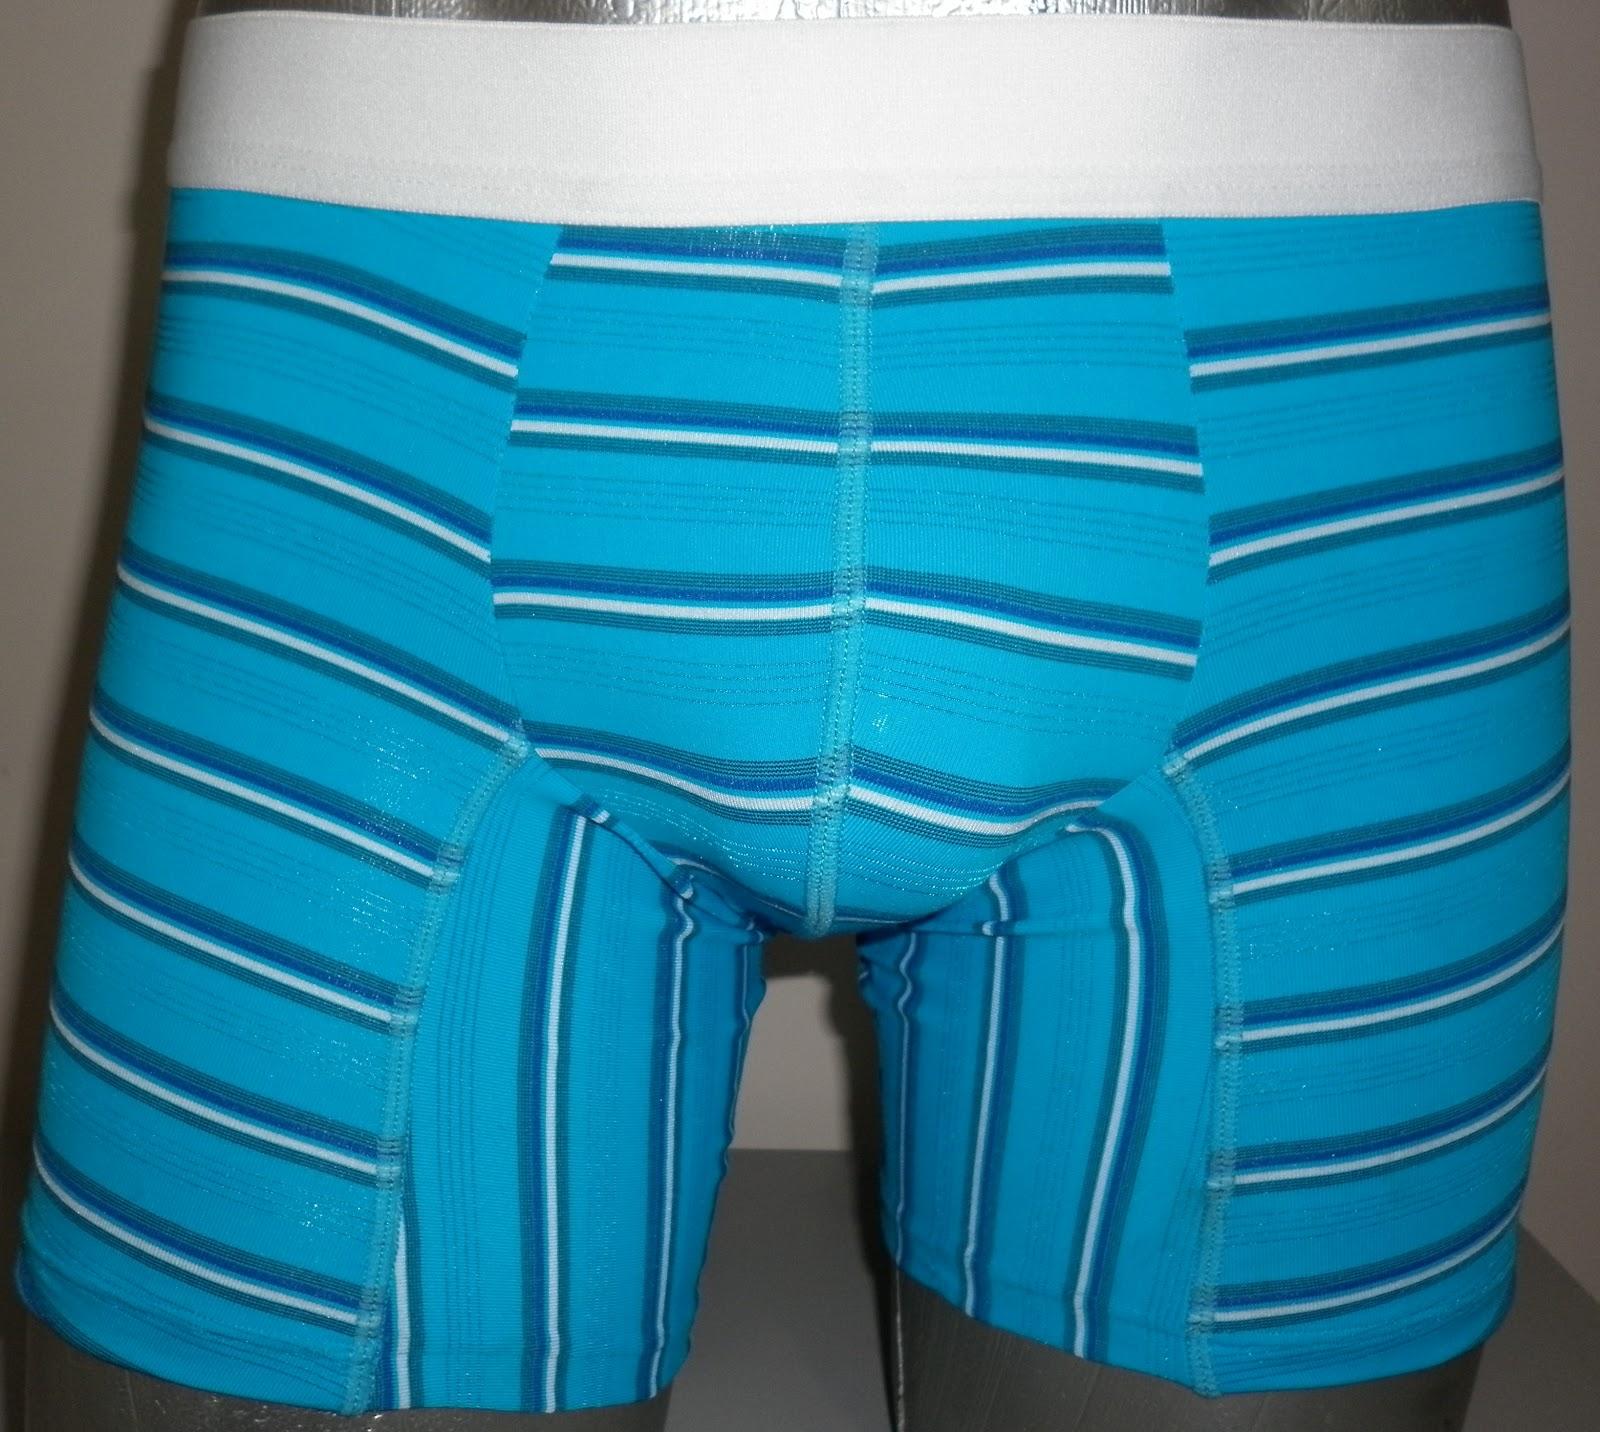 Venta de ropa interior masculina al por mayor pedidos 3116354510 ropa interior - Venta al por mayor de ropa interior ...